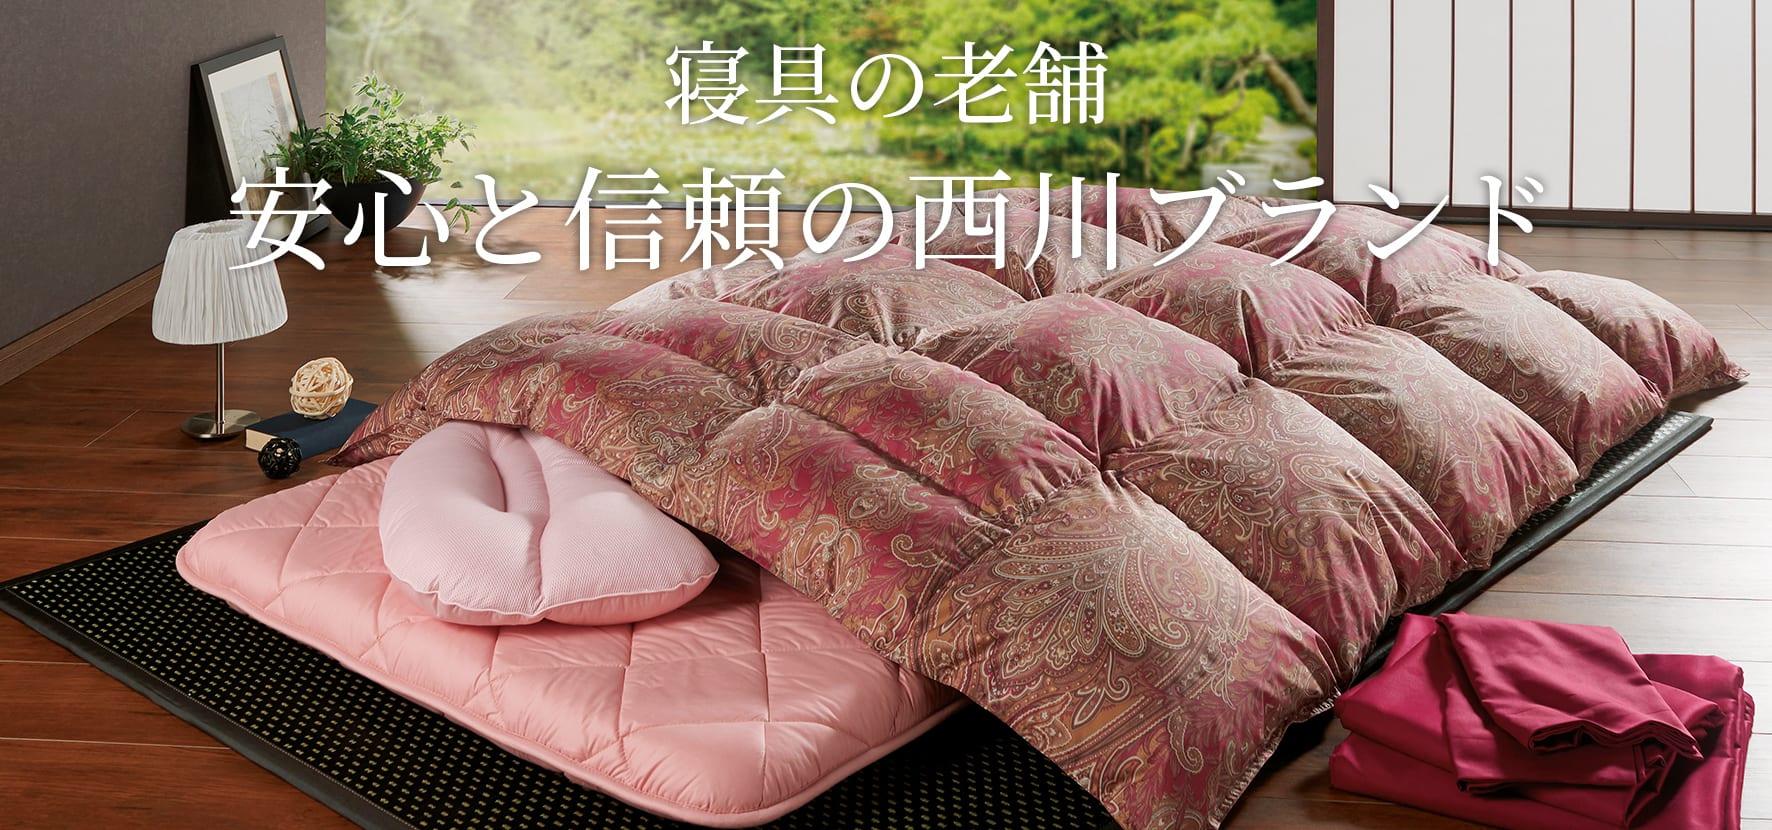 寝具の老舗 安心と信頼の西川ブランド